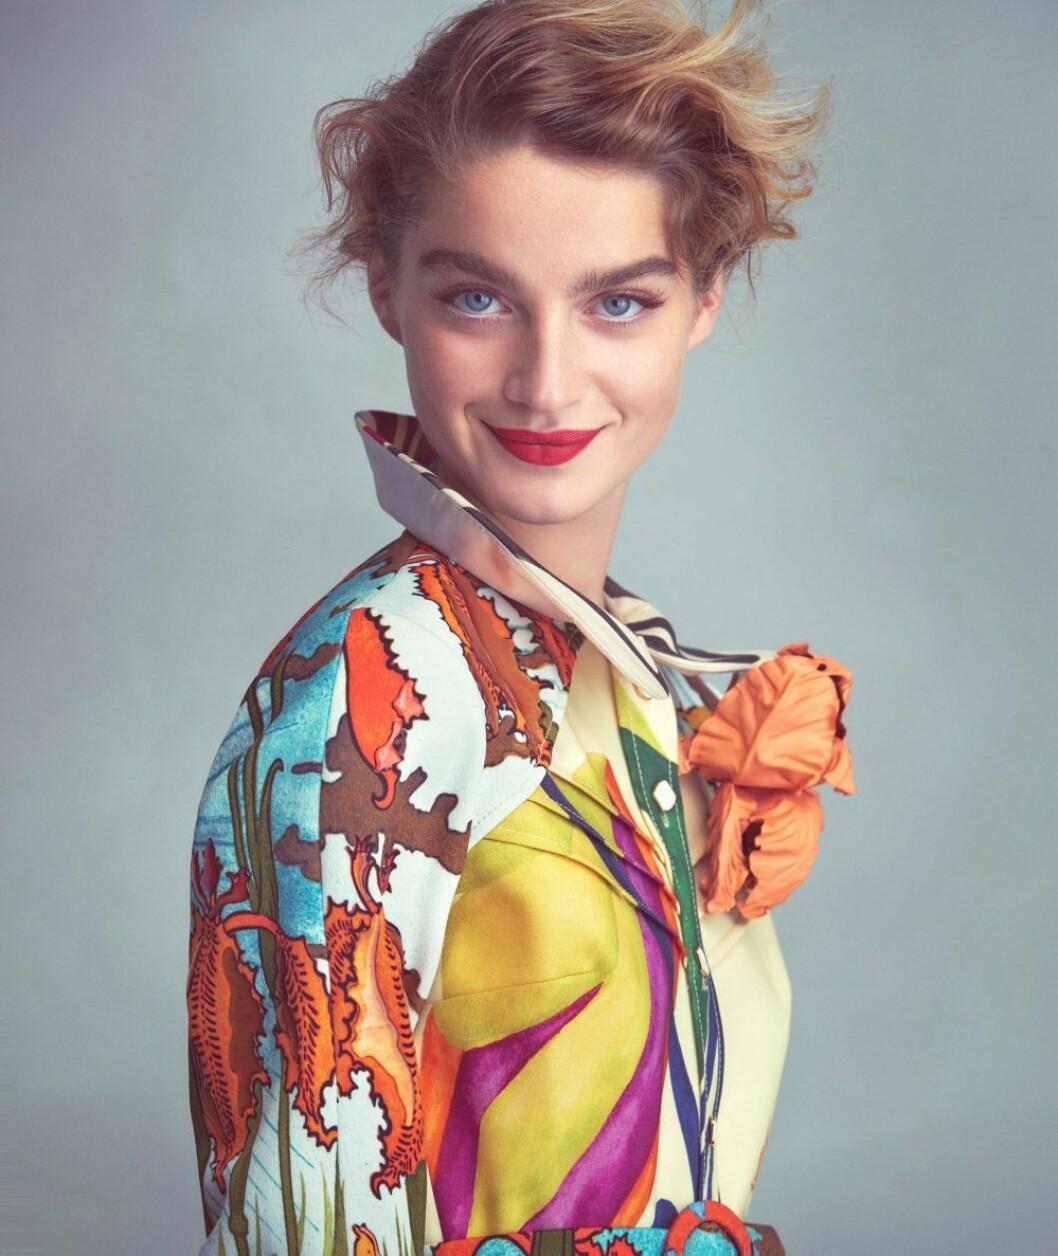 Klänning från Louis Vuitton, så stylar du den blommiga trenden 2020